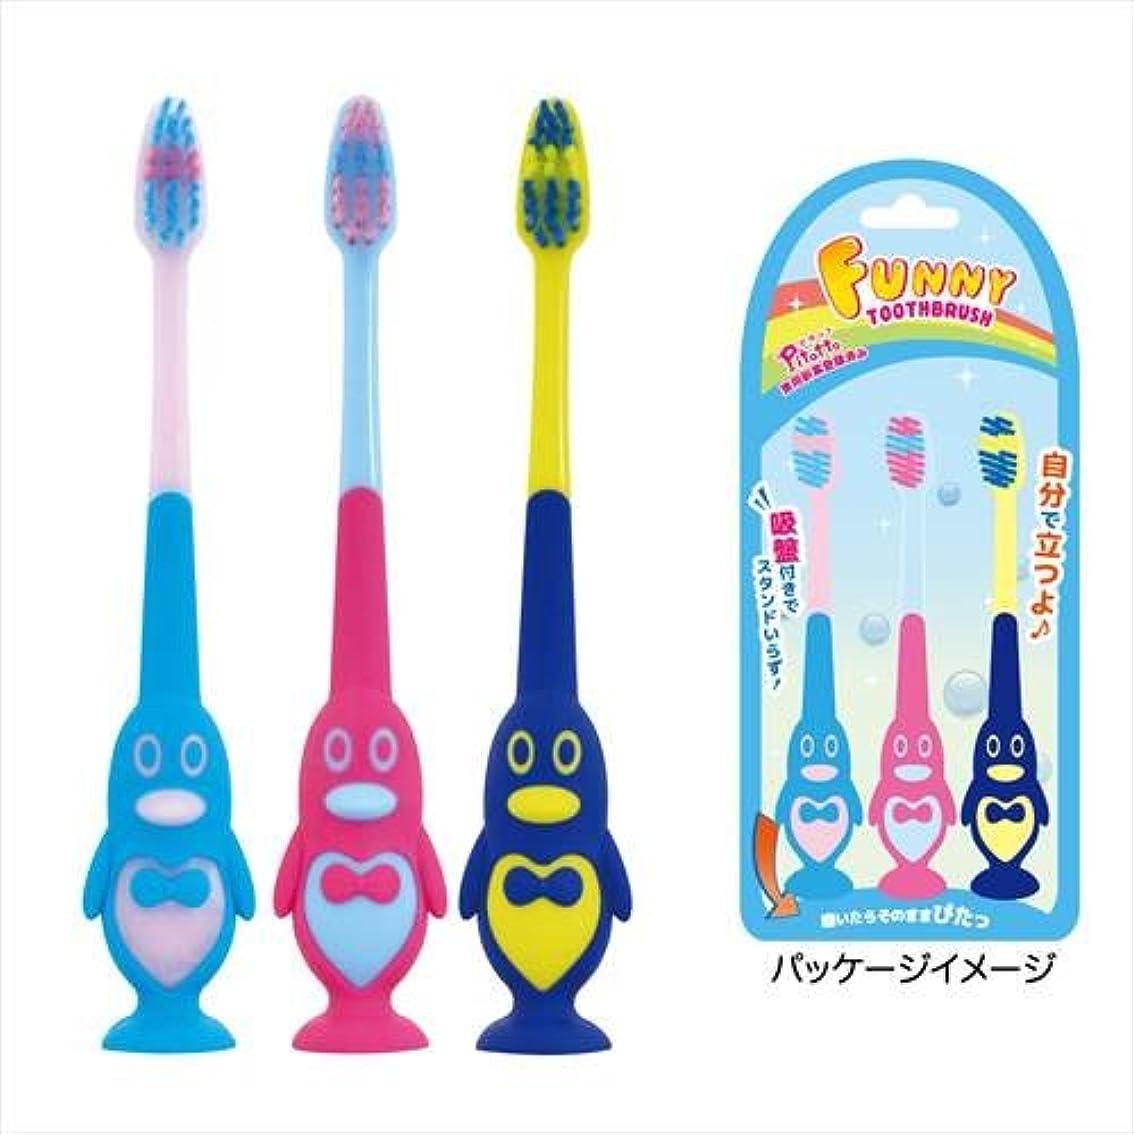 ホールドオール摘む騒ぎ[歯ブラシ] 吸盤付き歯ブラシ 3本セット/ペンギン ユーカンパニー かわいい 洗面用具 グッズ 通販